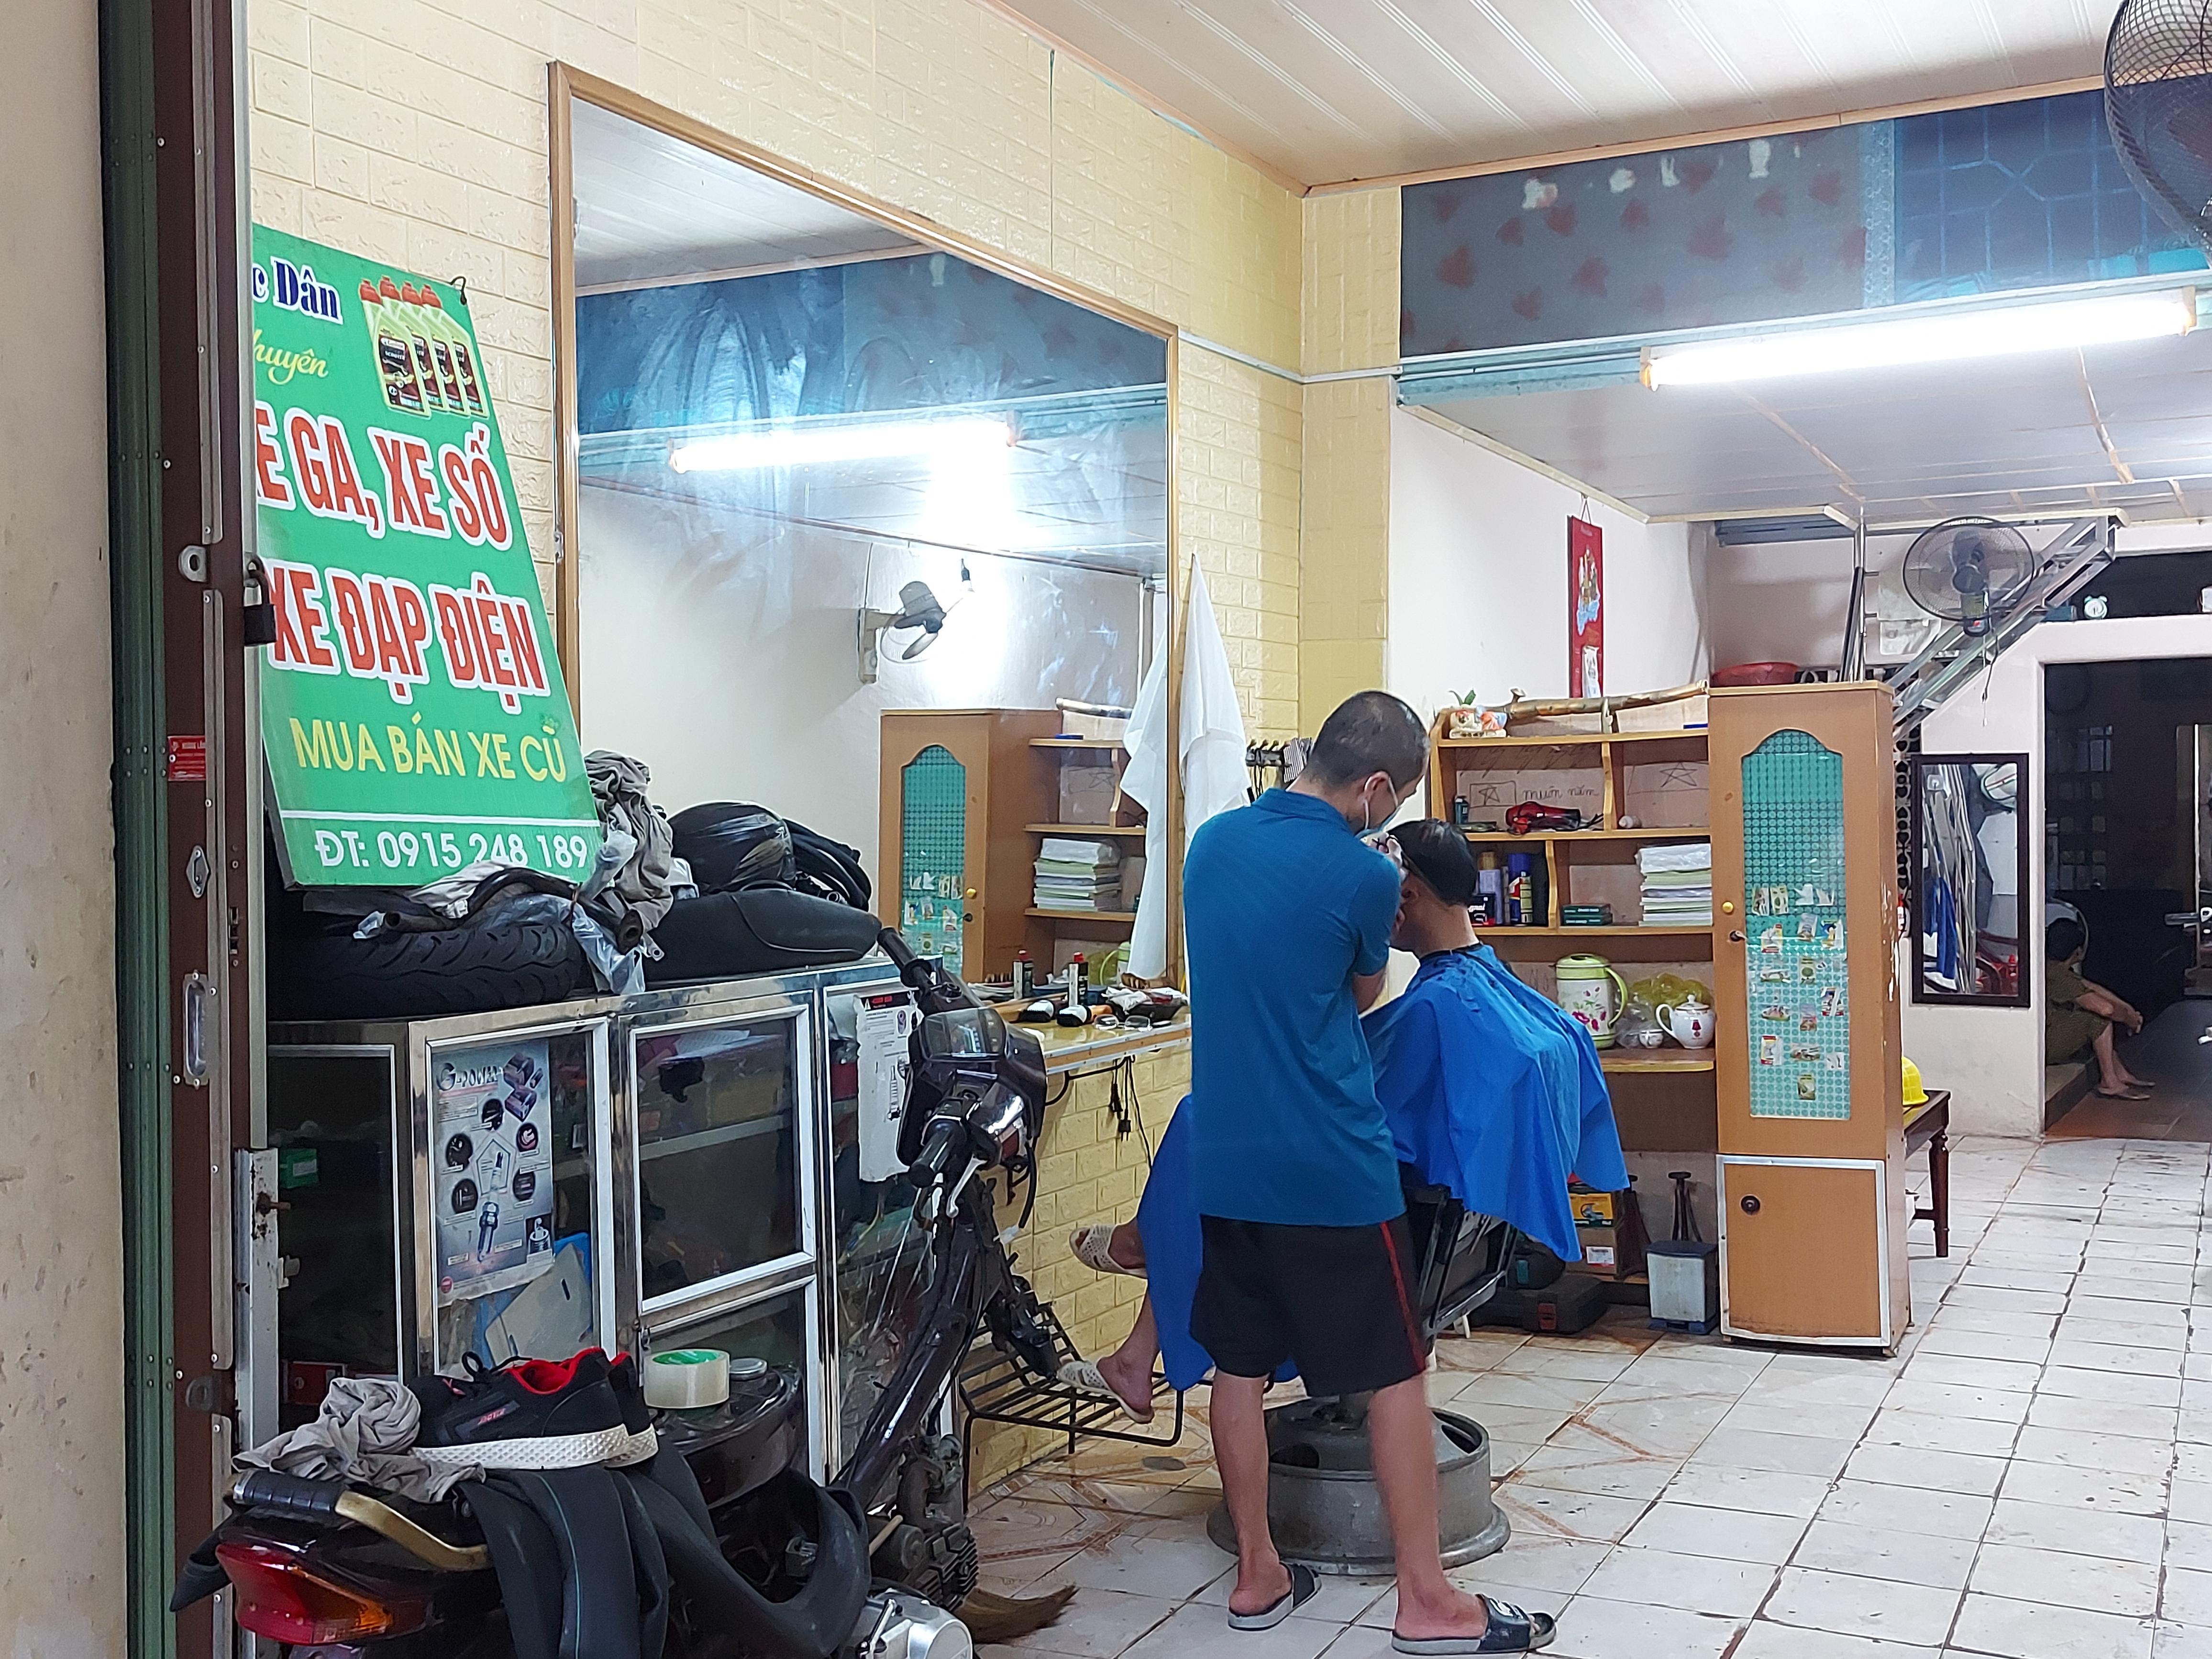 Kết thúc 13 ngày giãn cách, nhiều người dân TP Thanh Hóa đến tiệm cắt tóc để 'tu sửa' lại mái đầu của mình.